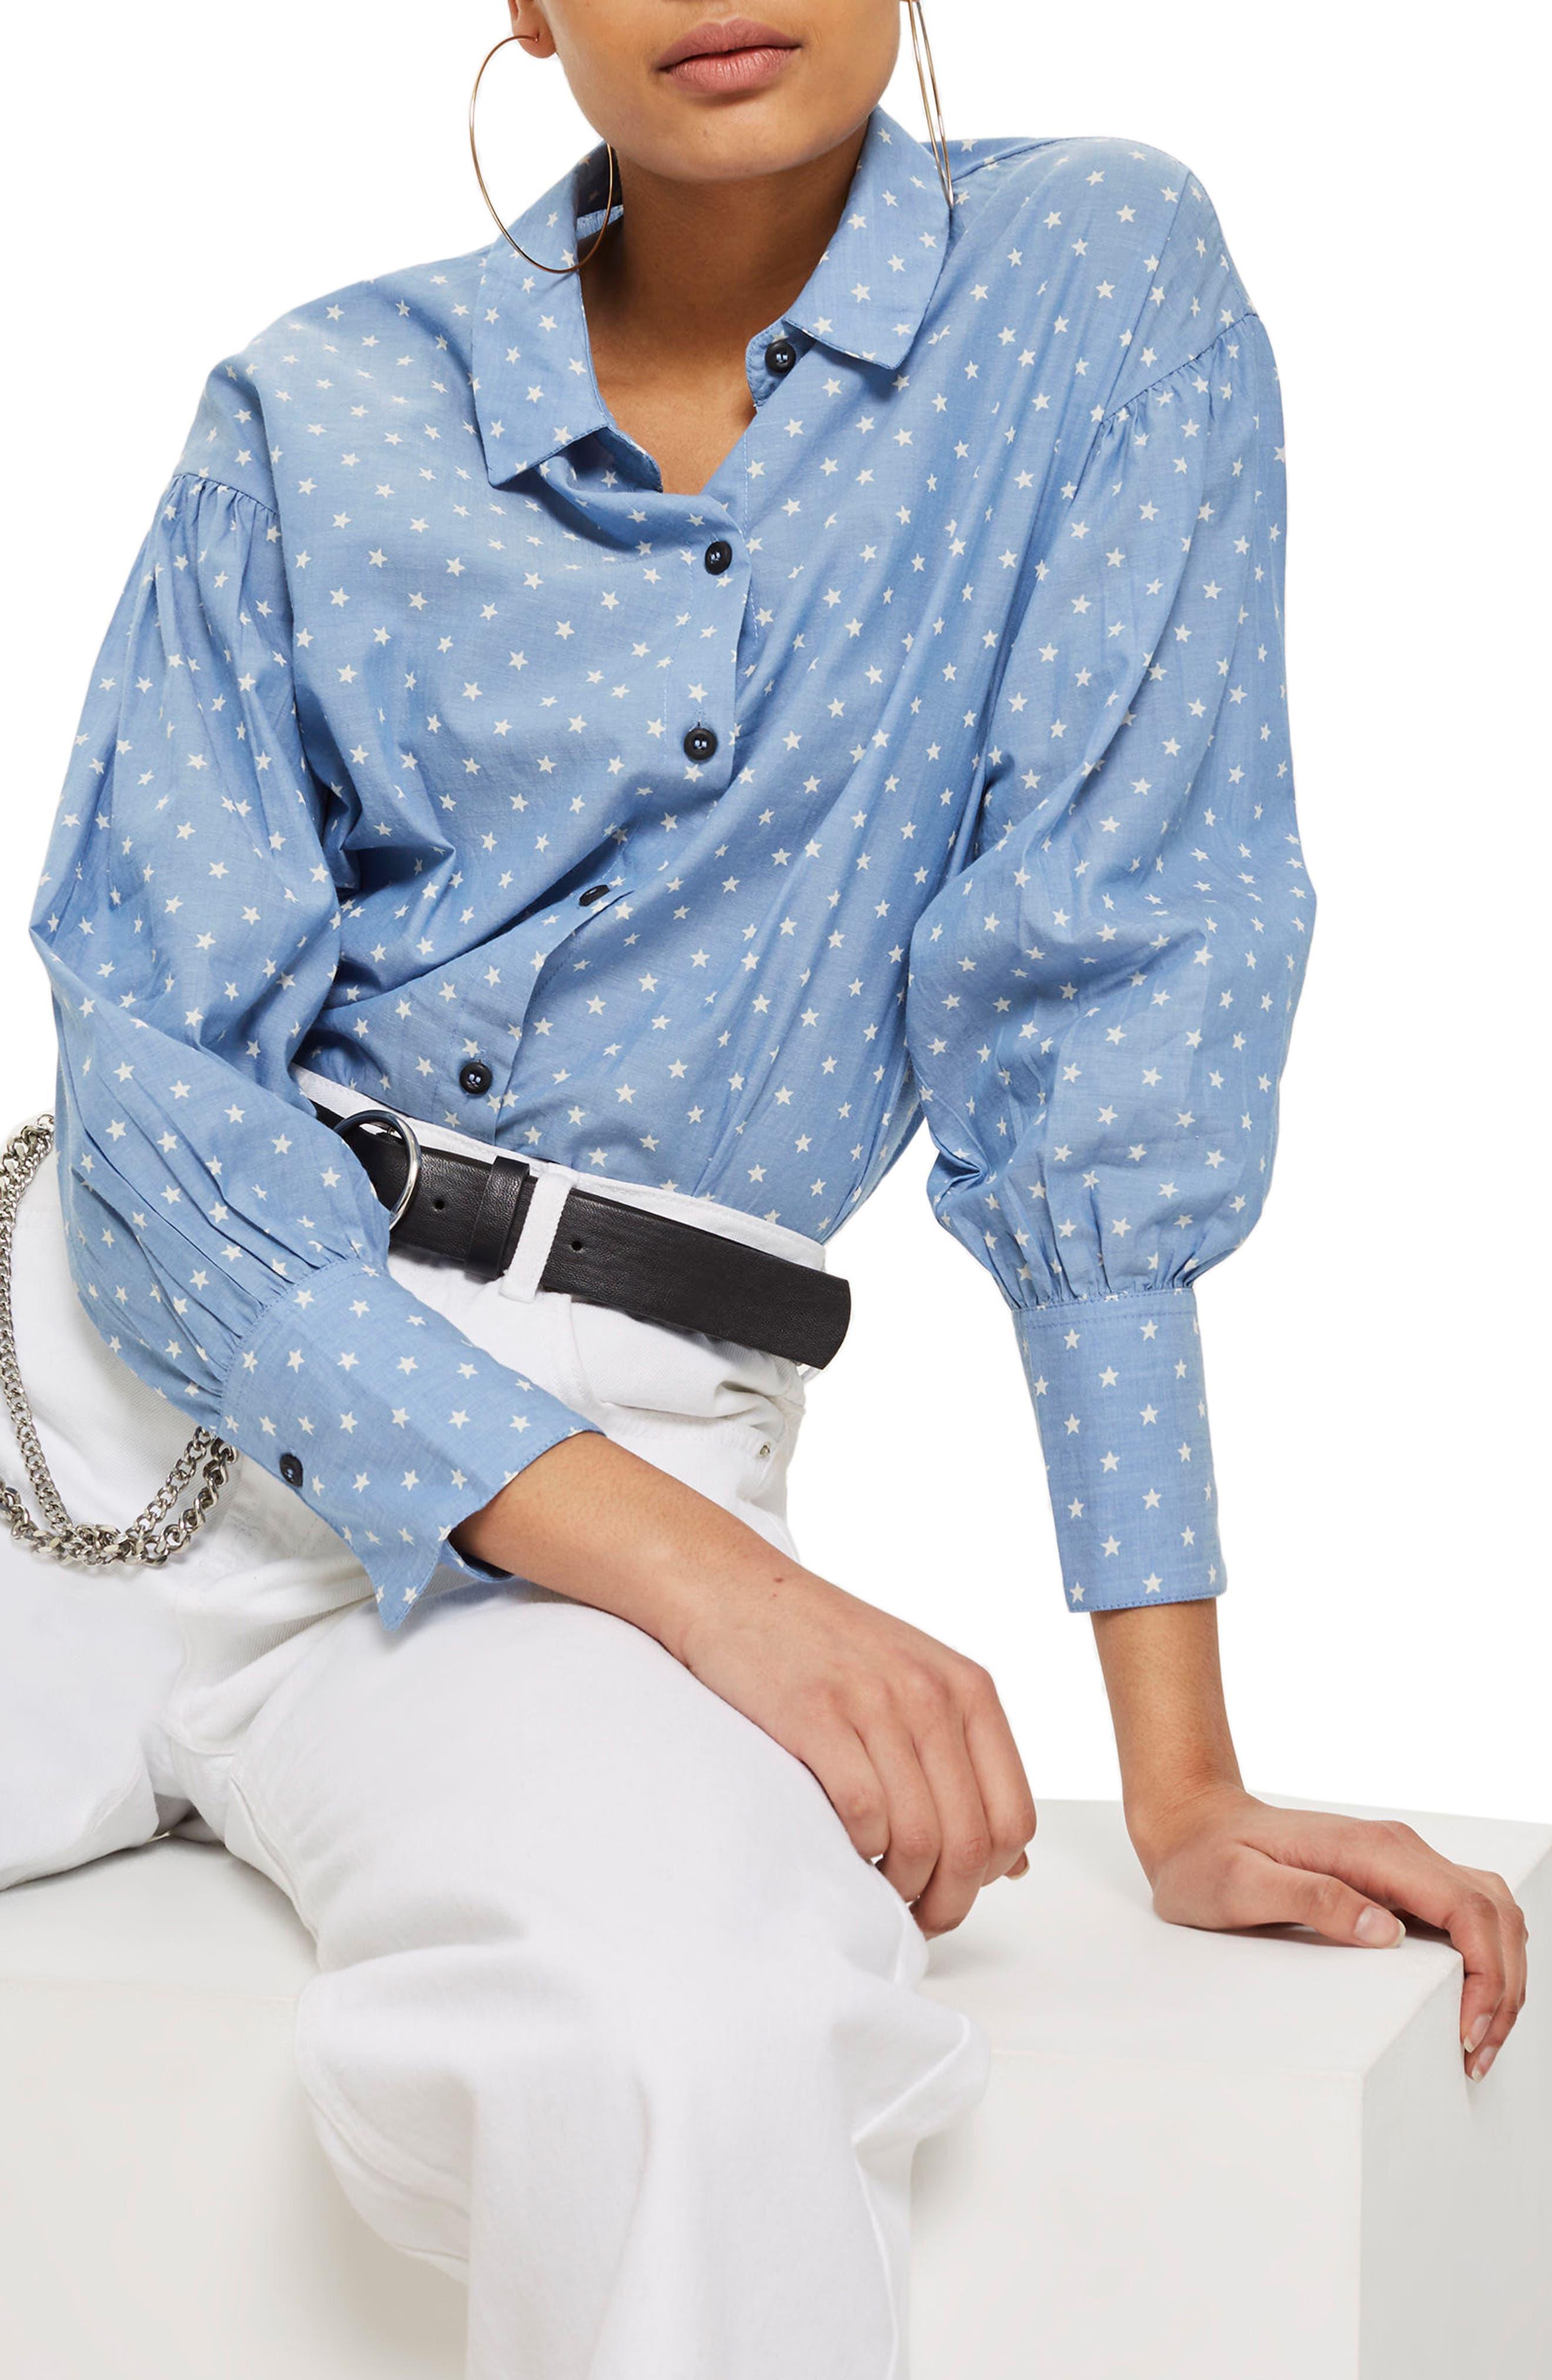 Topshop Star Print Chambray Shirt